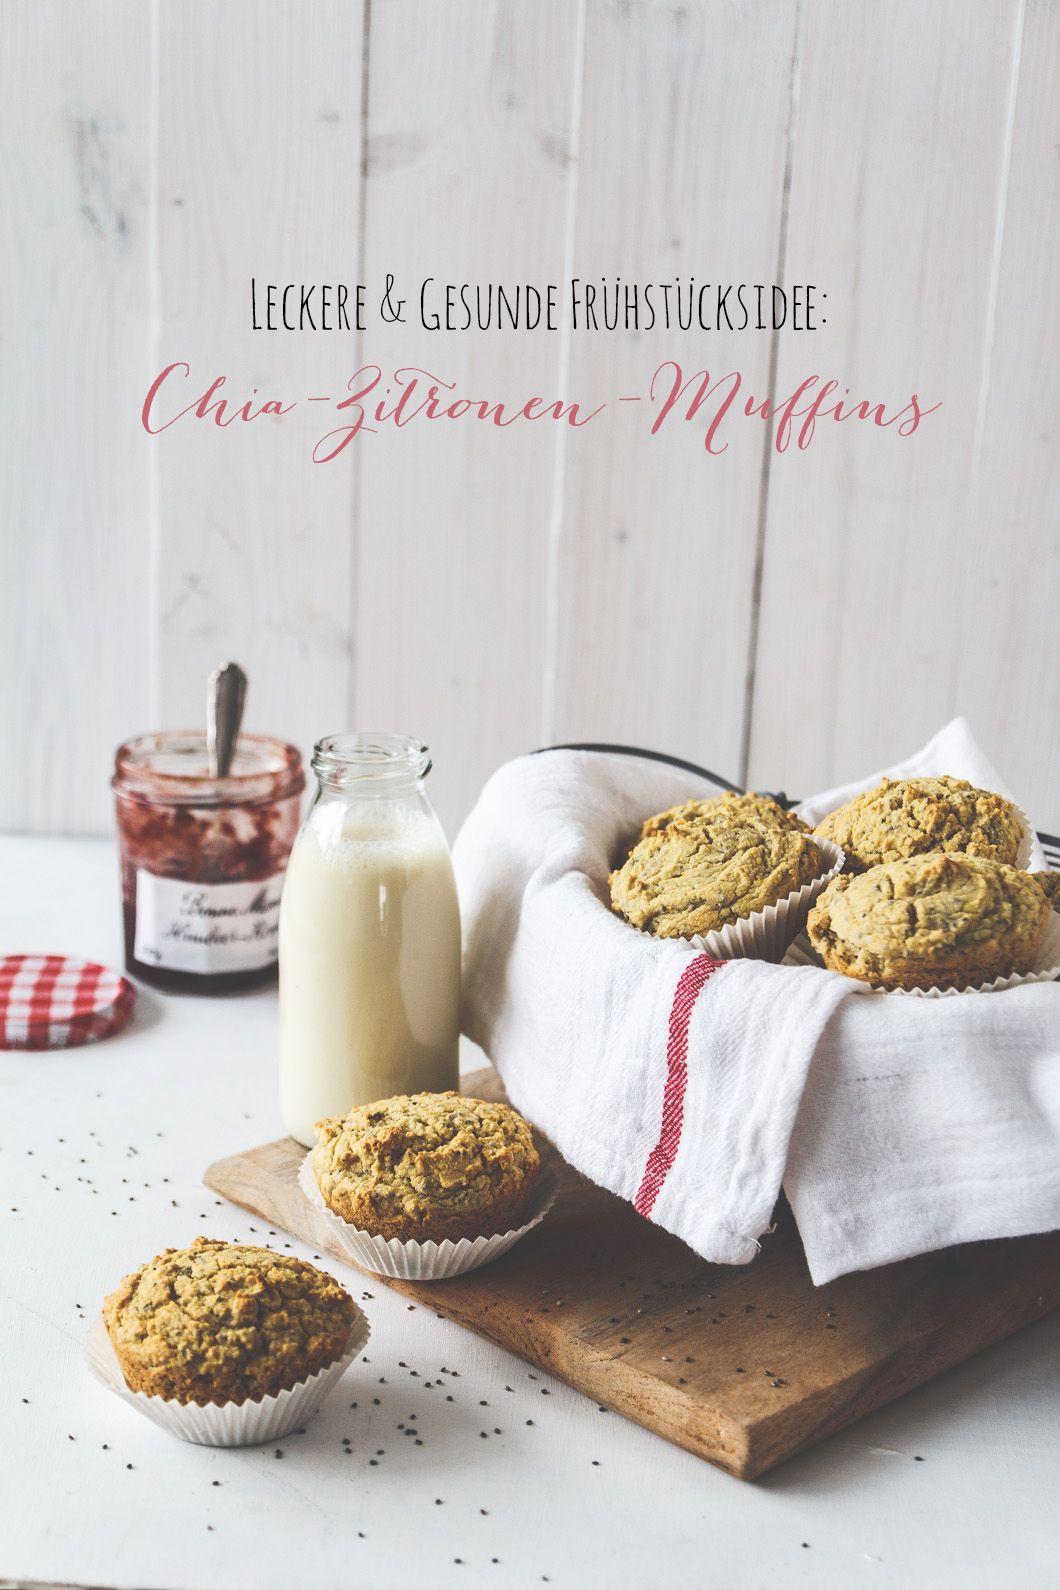 Chia-Zitronen-Muffins